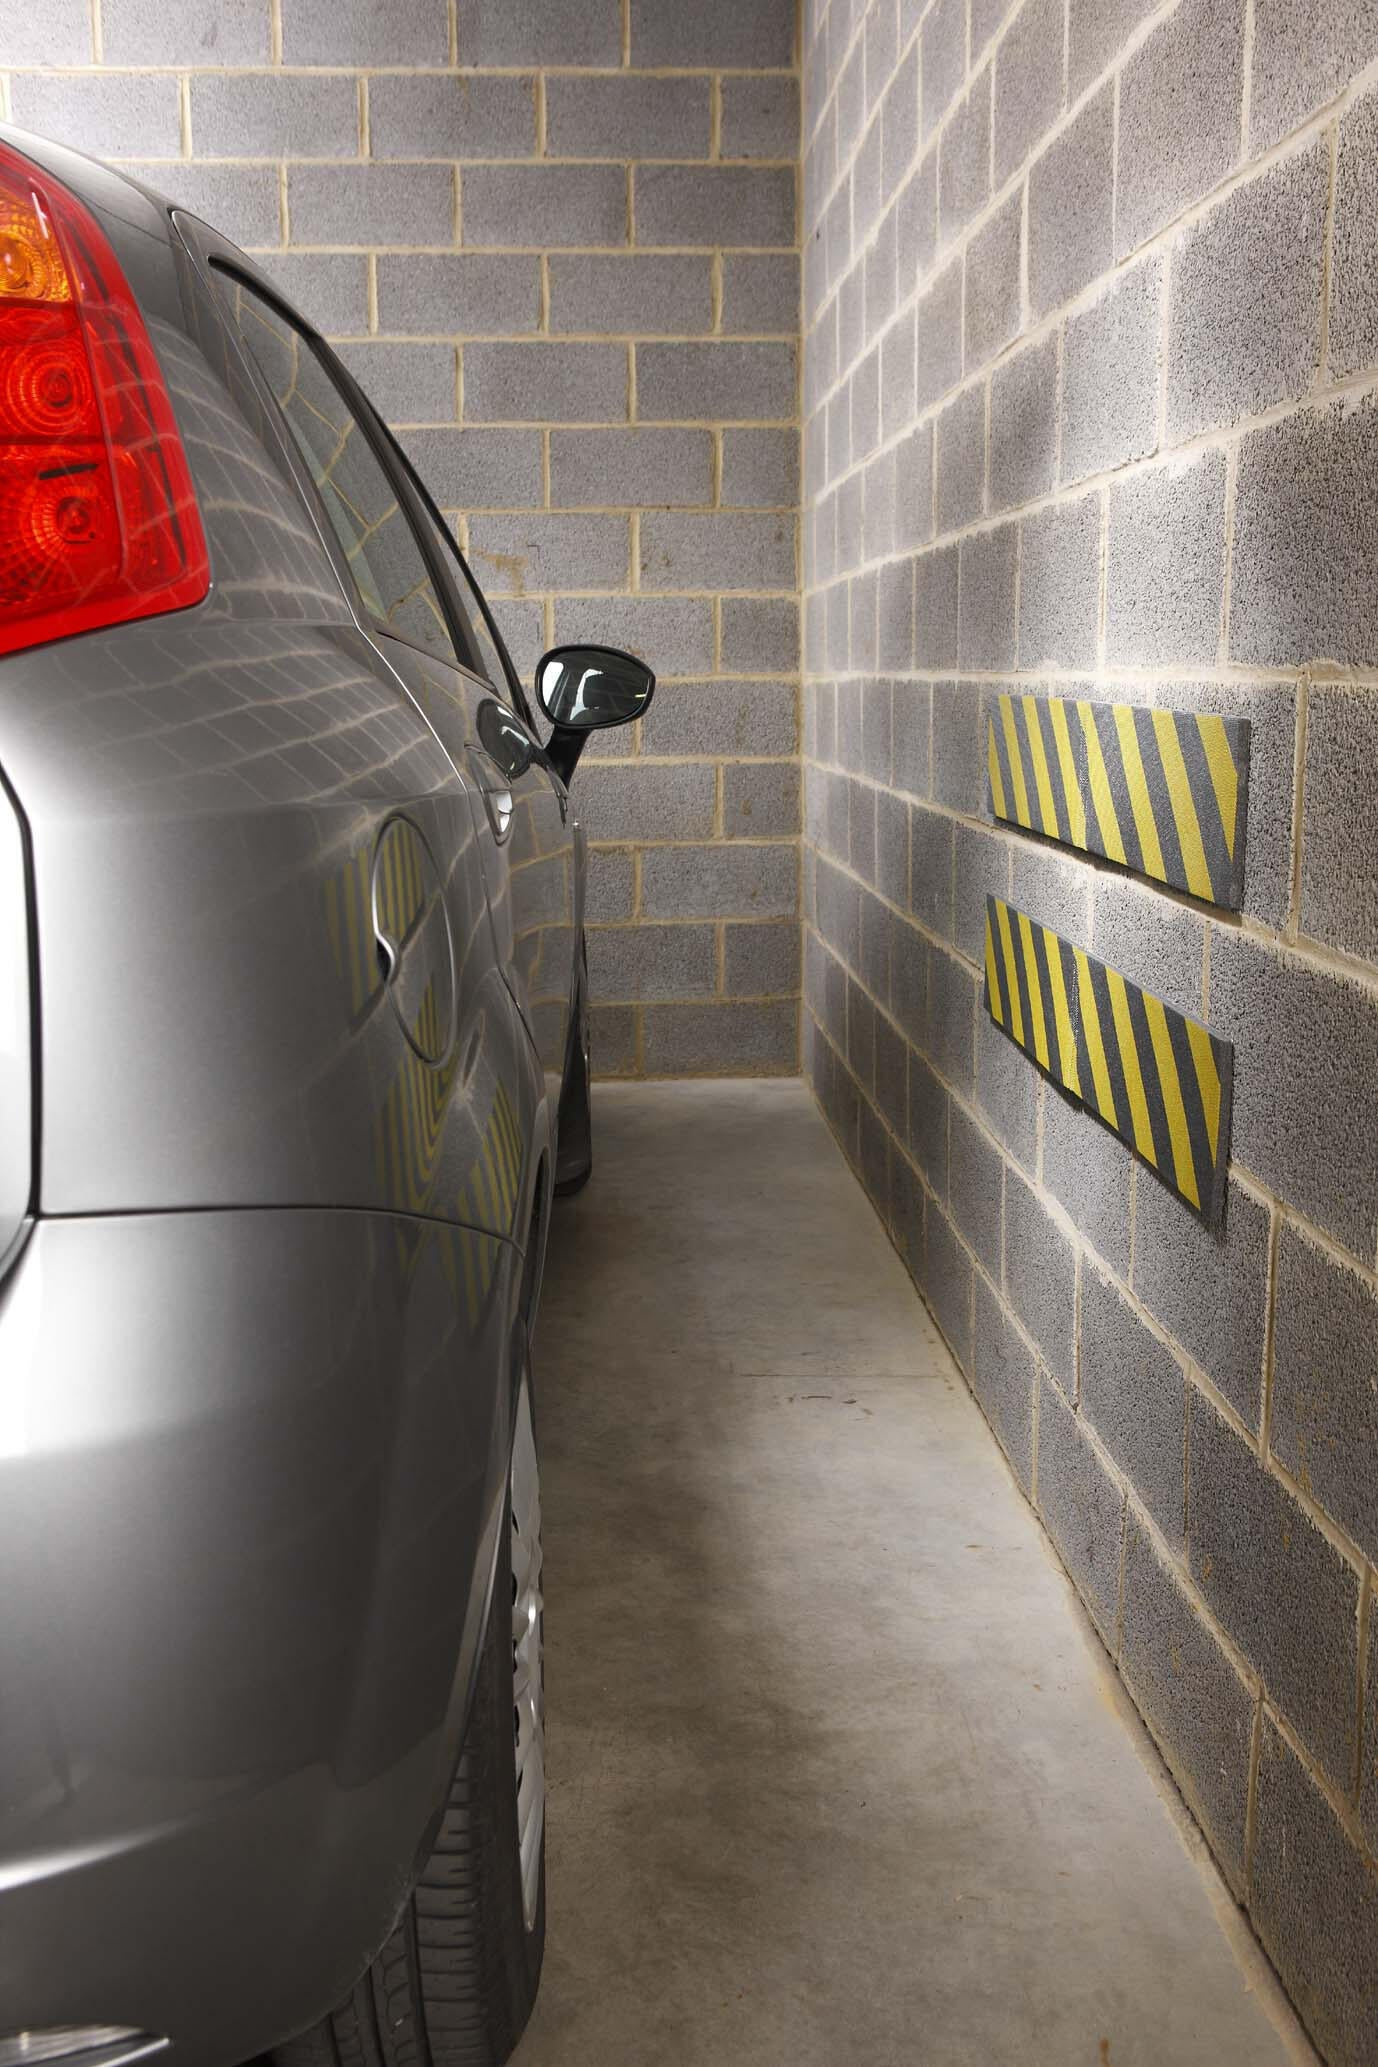 Protezione per garage in poliuretano L 100 x H 15 cm multicolore - 7